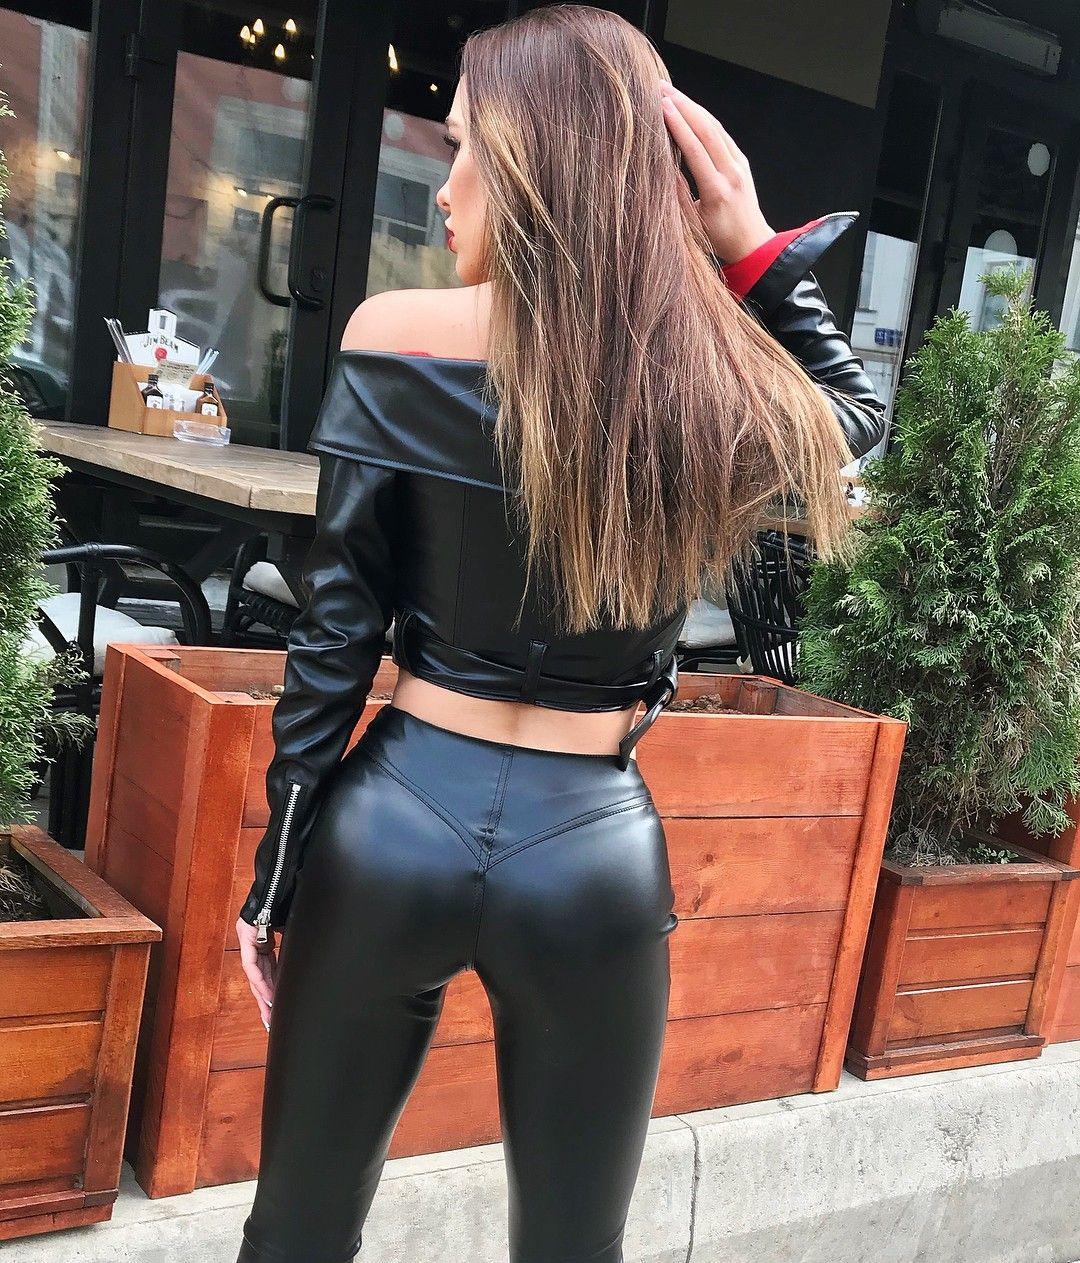 Amateur shiny leather pants butt